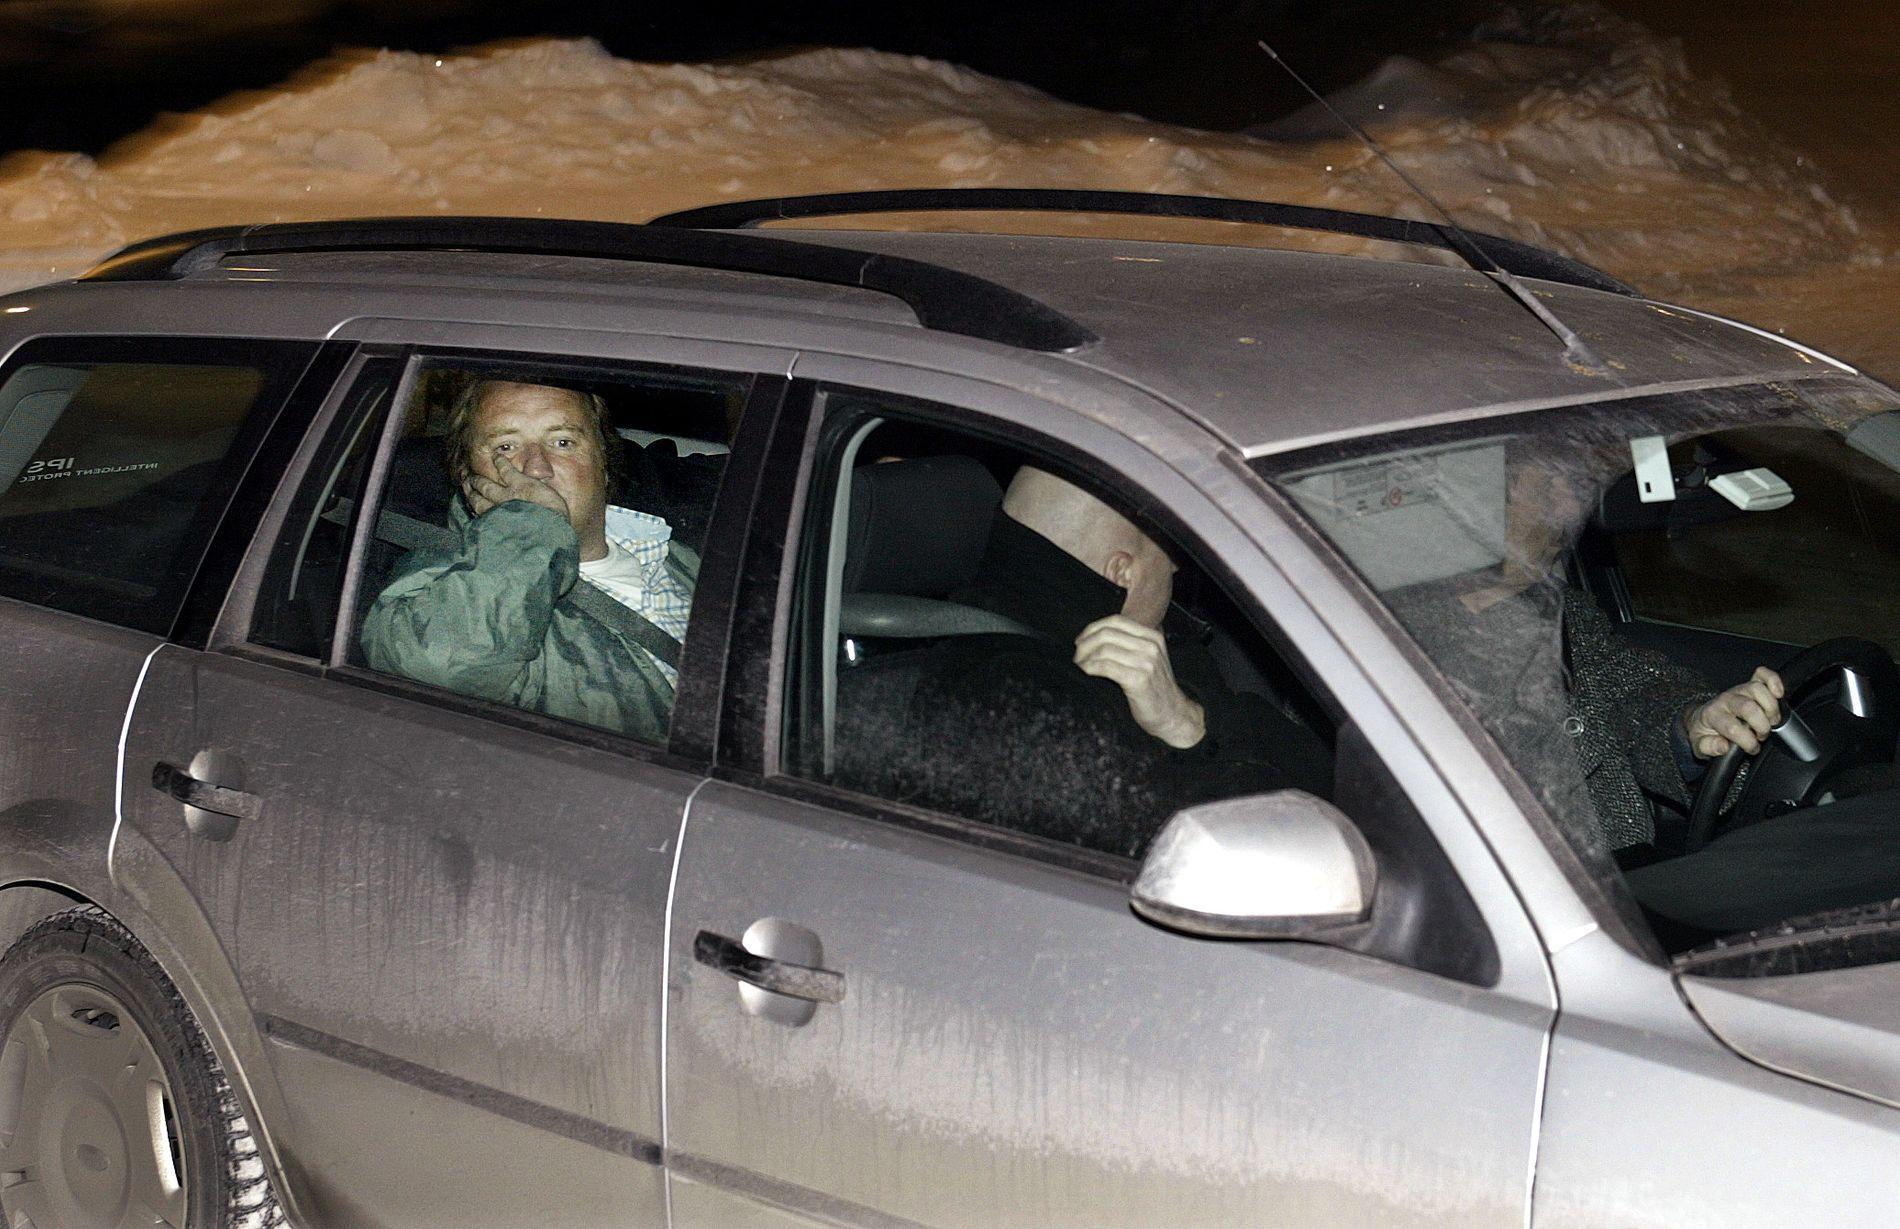 MANGE KALLENAVN: Lundeby, her fra en tidligere arrestasjon, har blant annet blitt kalt «Bamse» og «Formann».